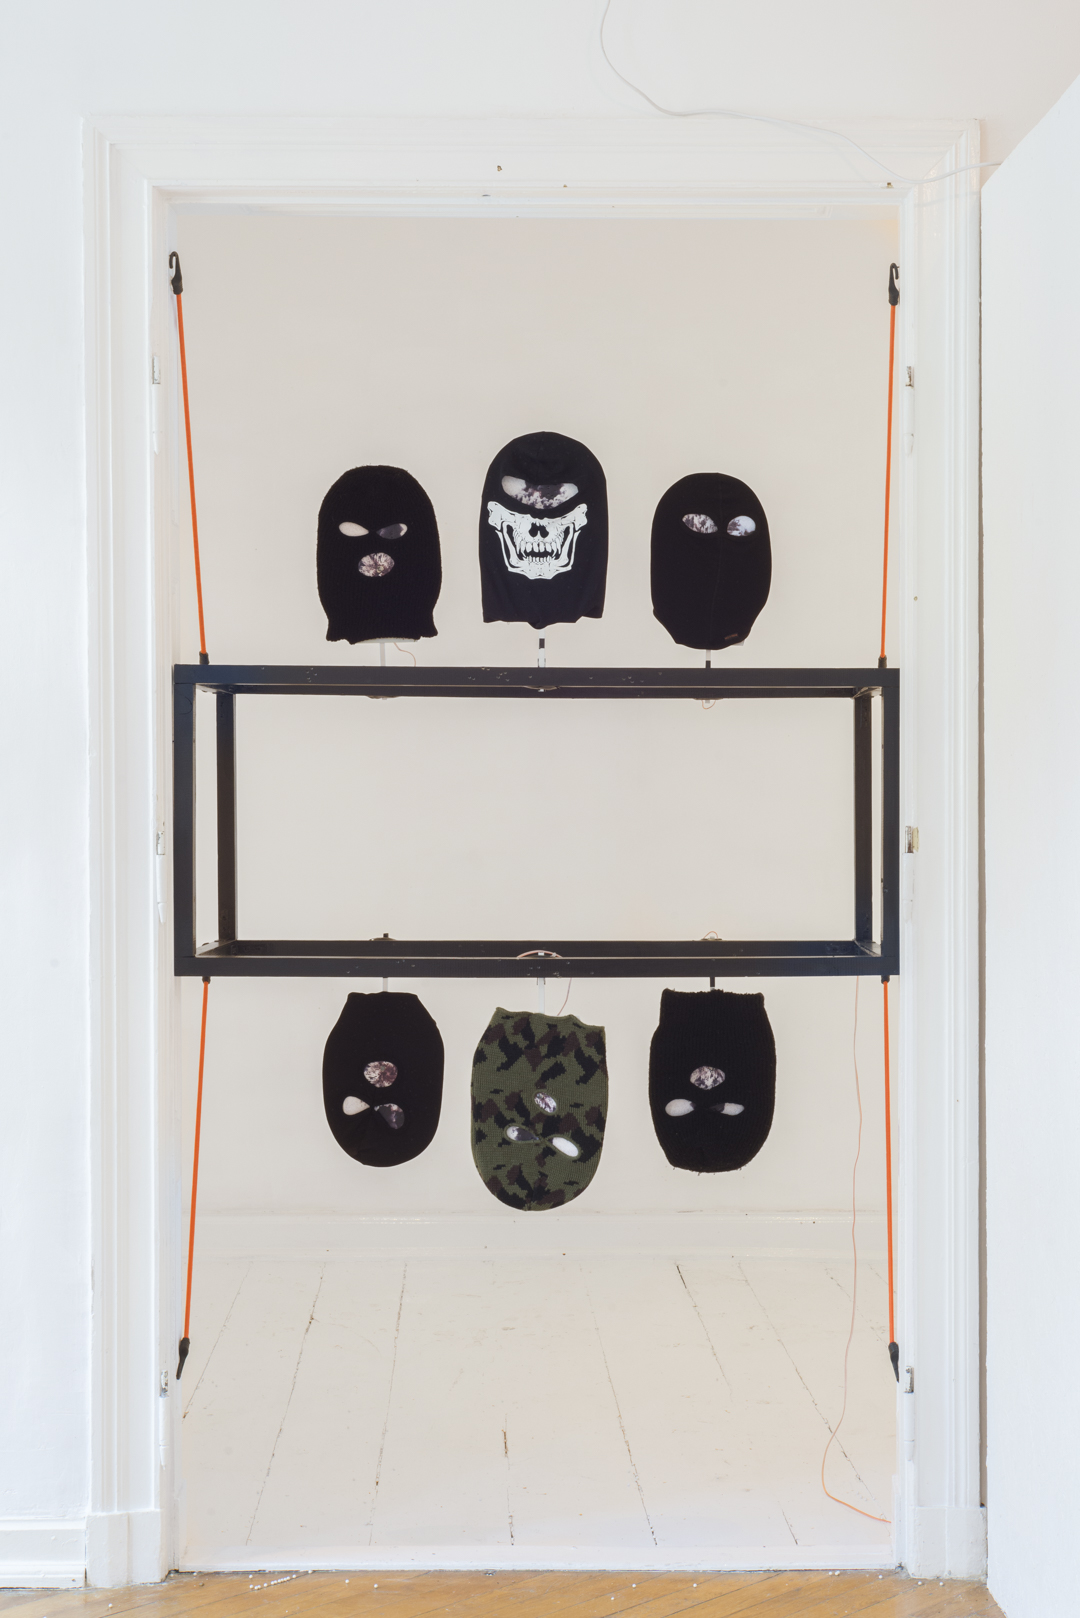 Tarcze, 2015, rzeźba kinetyczna, 140x131x57 cm